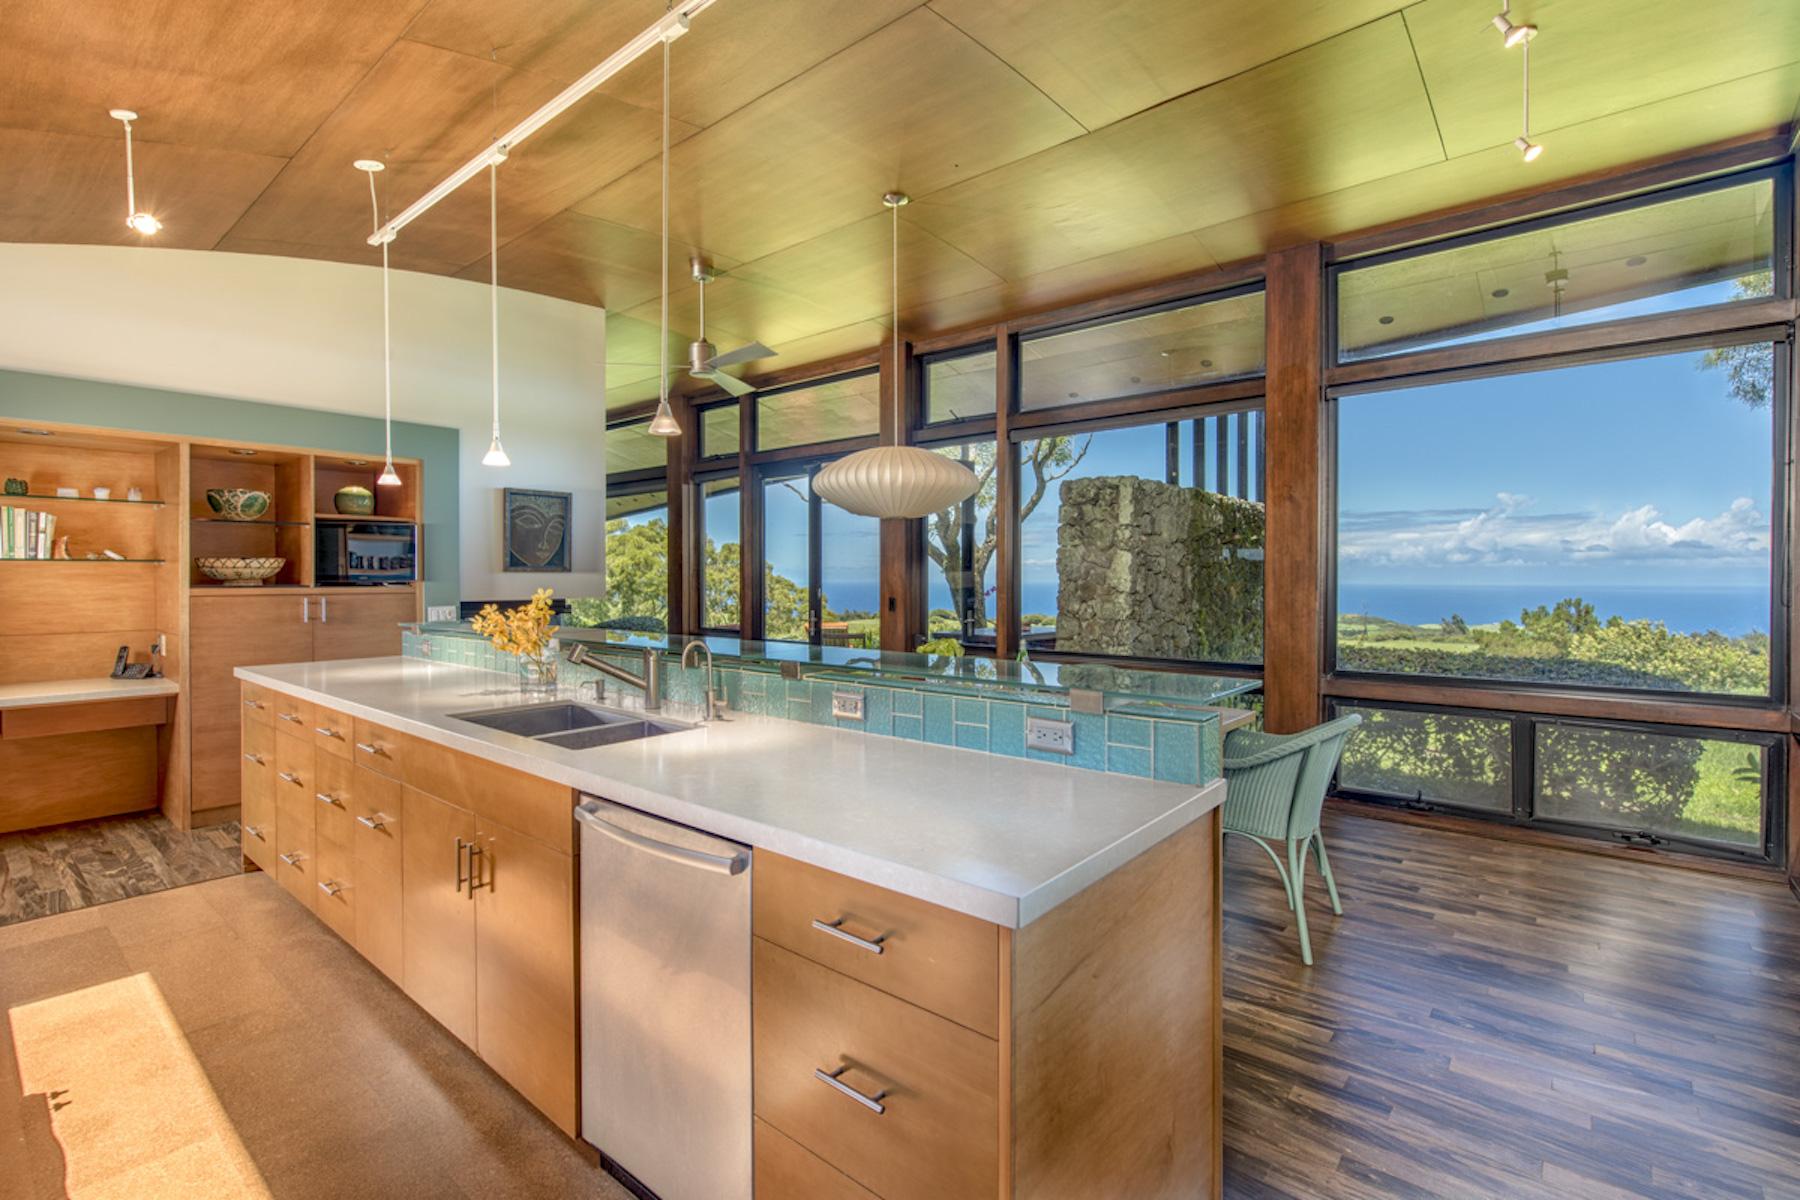 独户住宅 为 销售 在 Maliu Ridge II 56-3163 Puu Mamo Dr. 霍维, 夏威夷 96719 美国